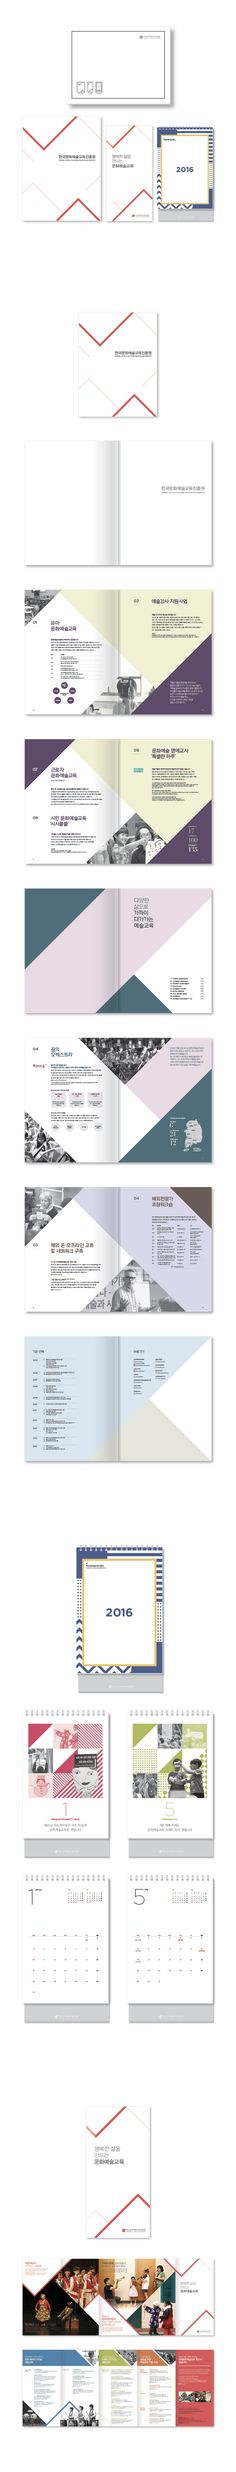 [한국문화예술교육진흥원] 세트박스   203 × Design Studio